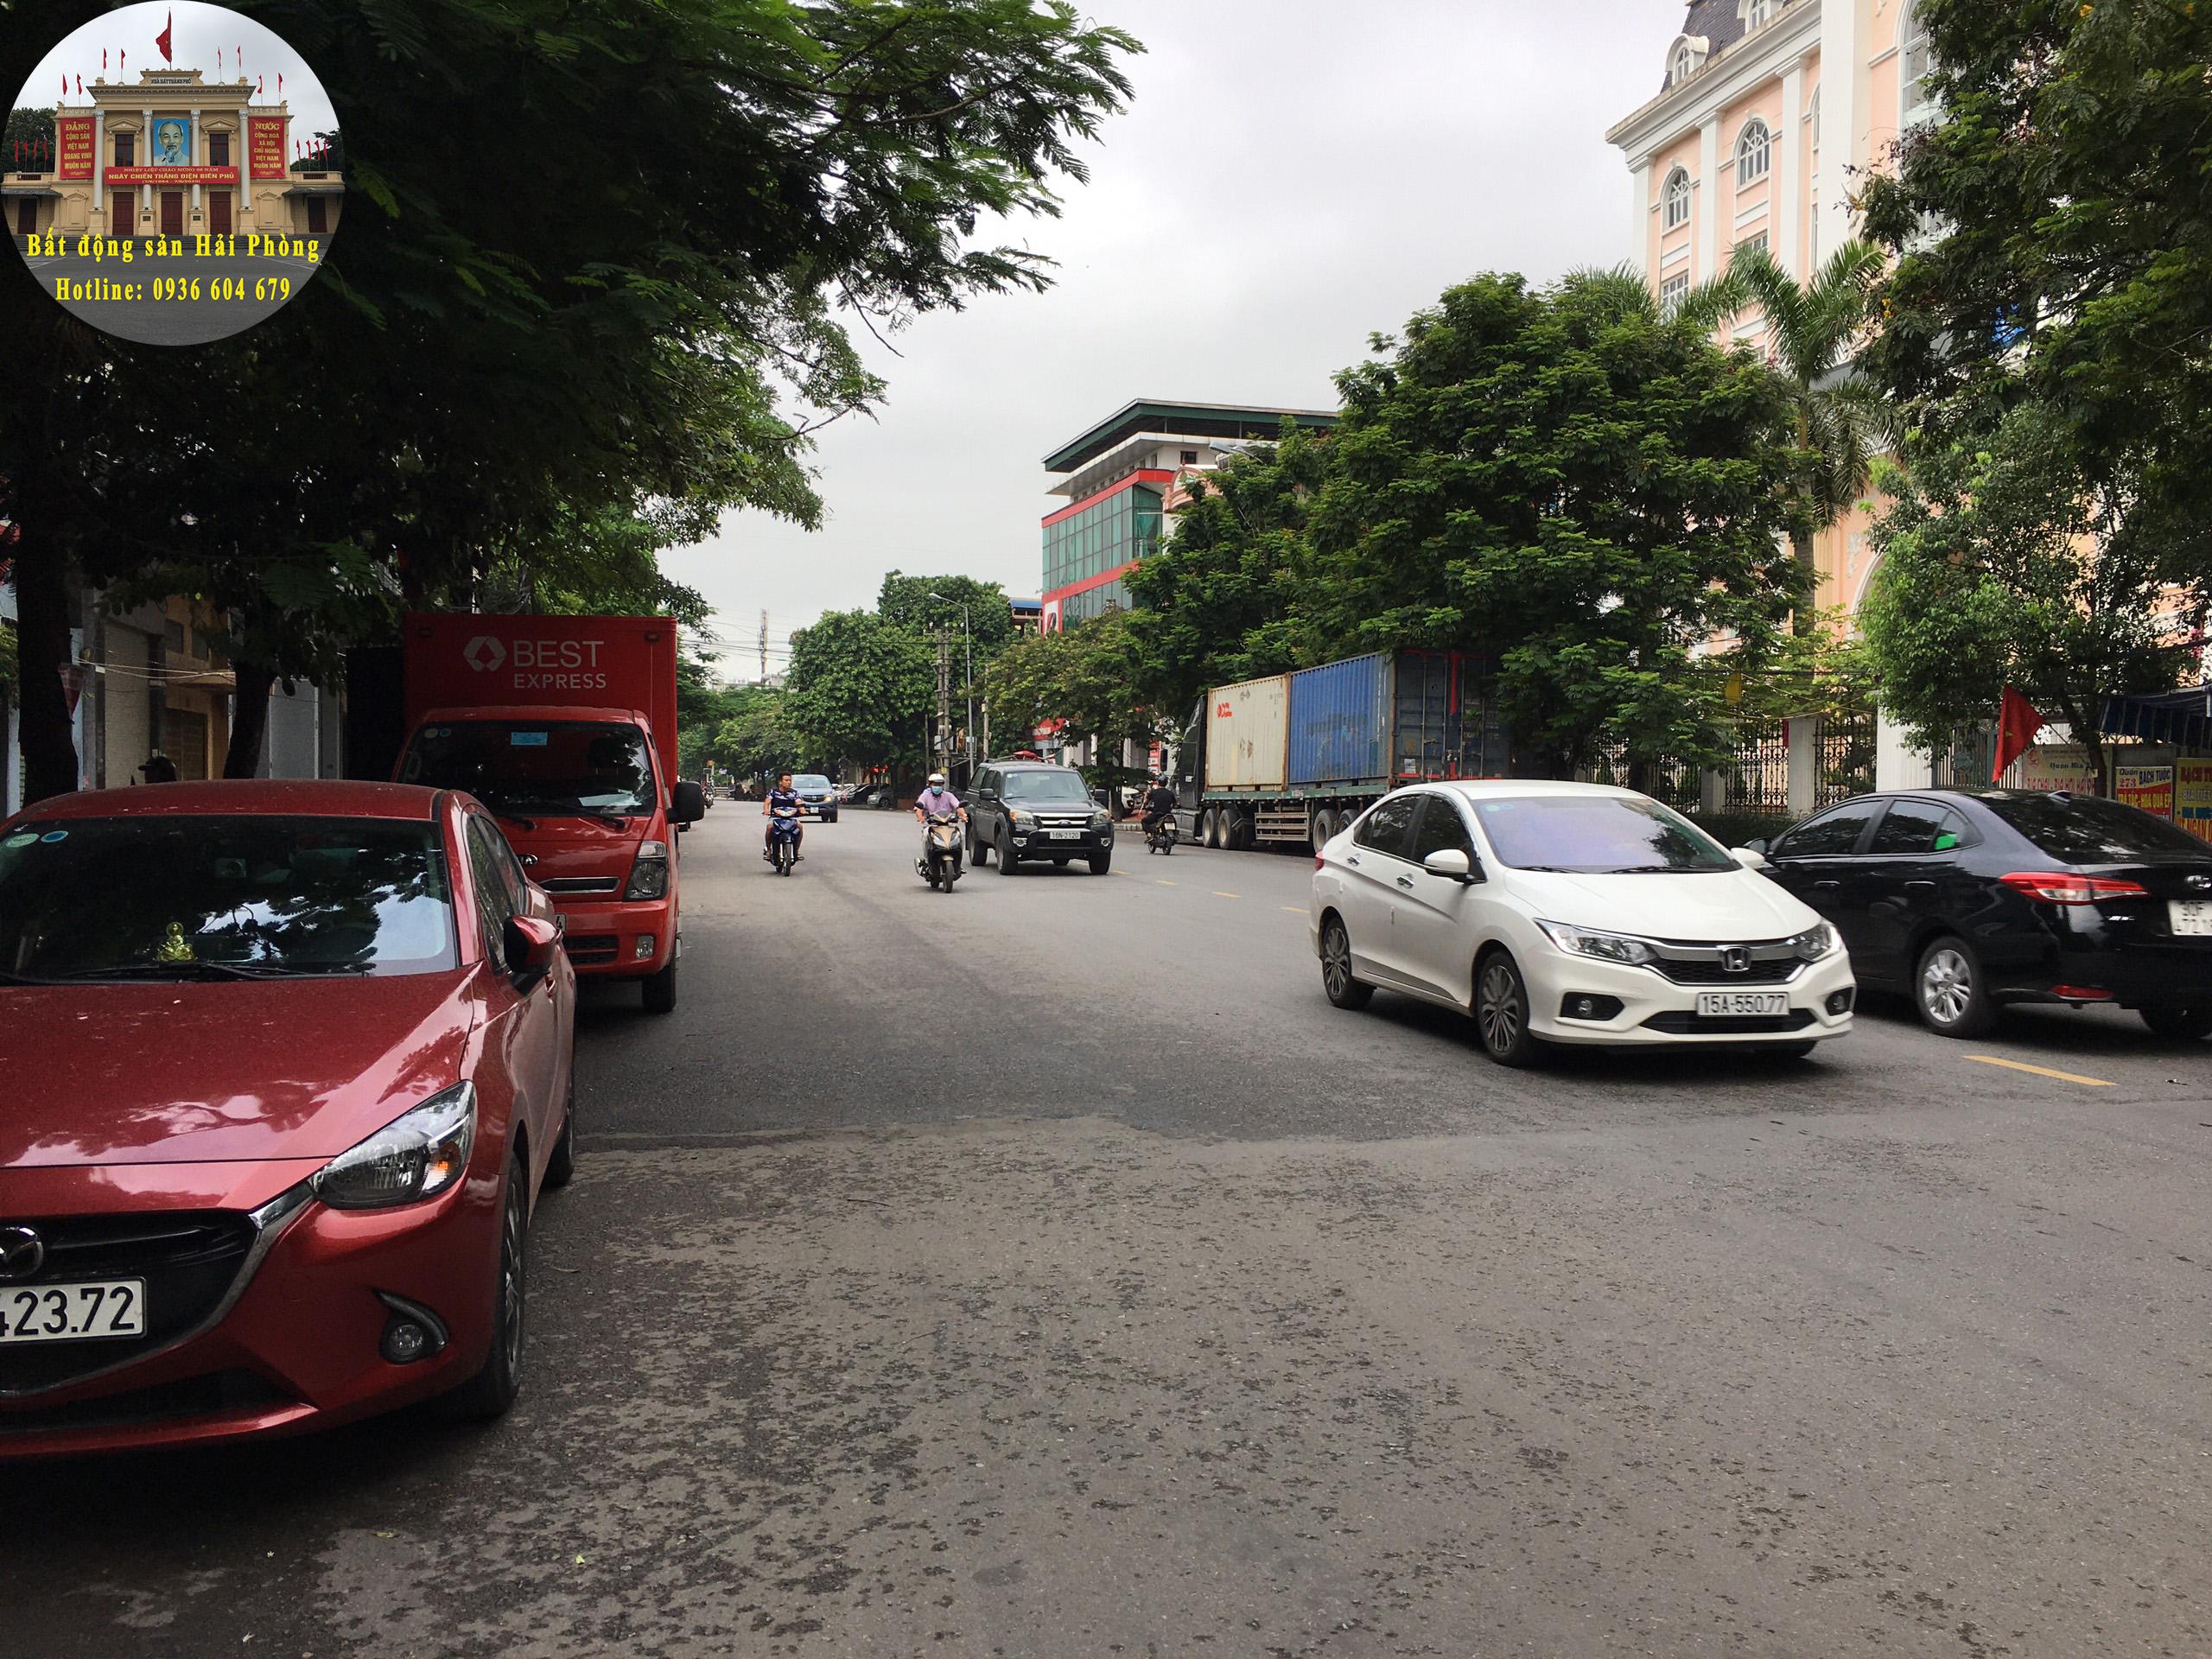 Chuyển nhượng 2 căn nhà cấp 4 liền kề mặt đường Lê Thánh Tông, Ngô Quyền, Hải Phòng